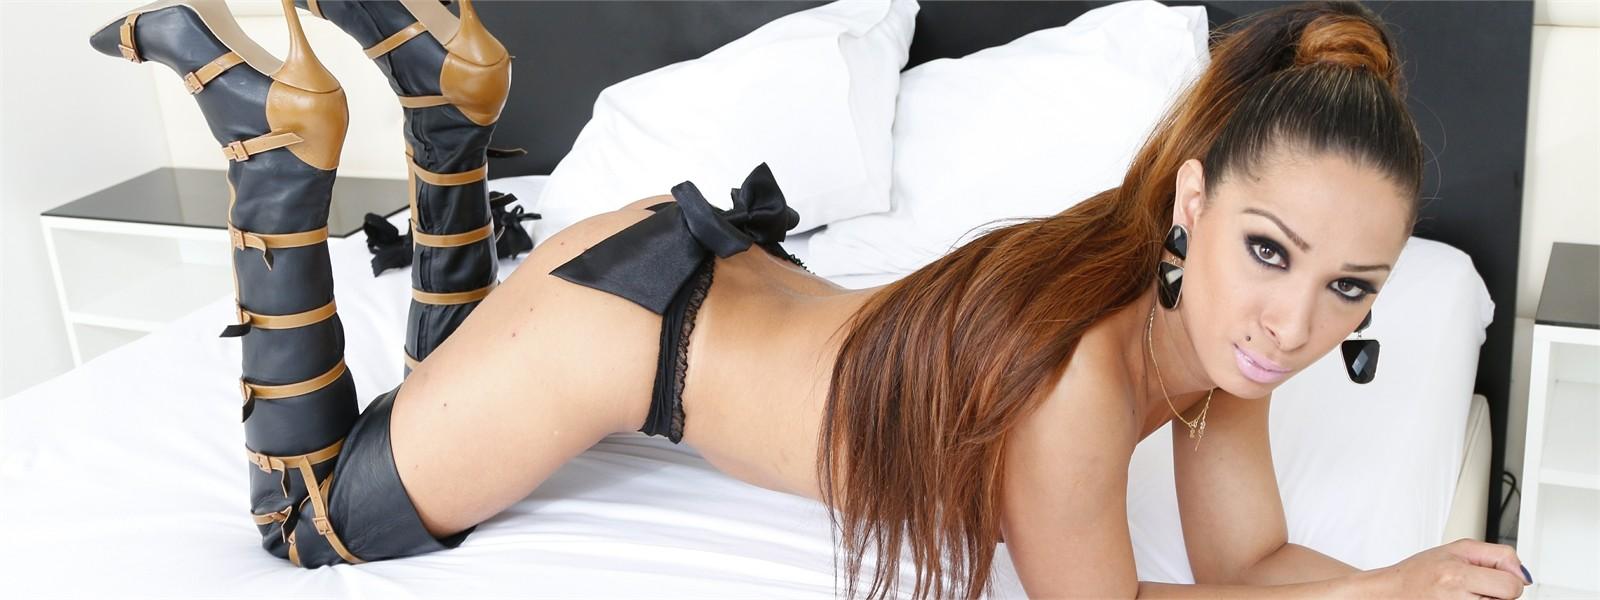 Bionca Porn Pics